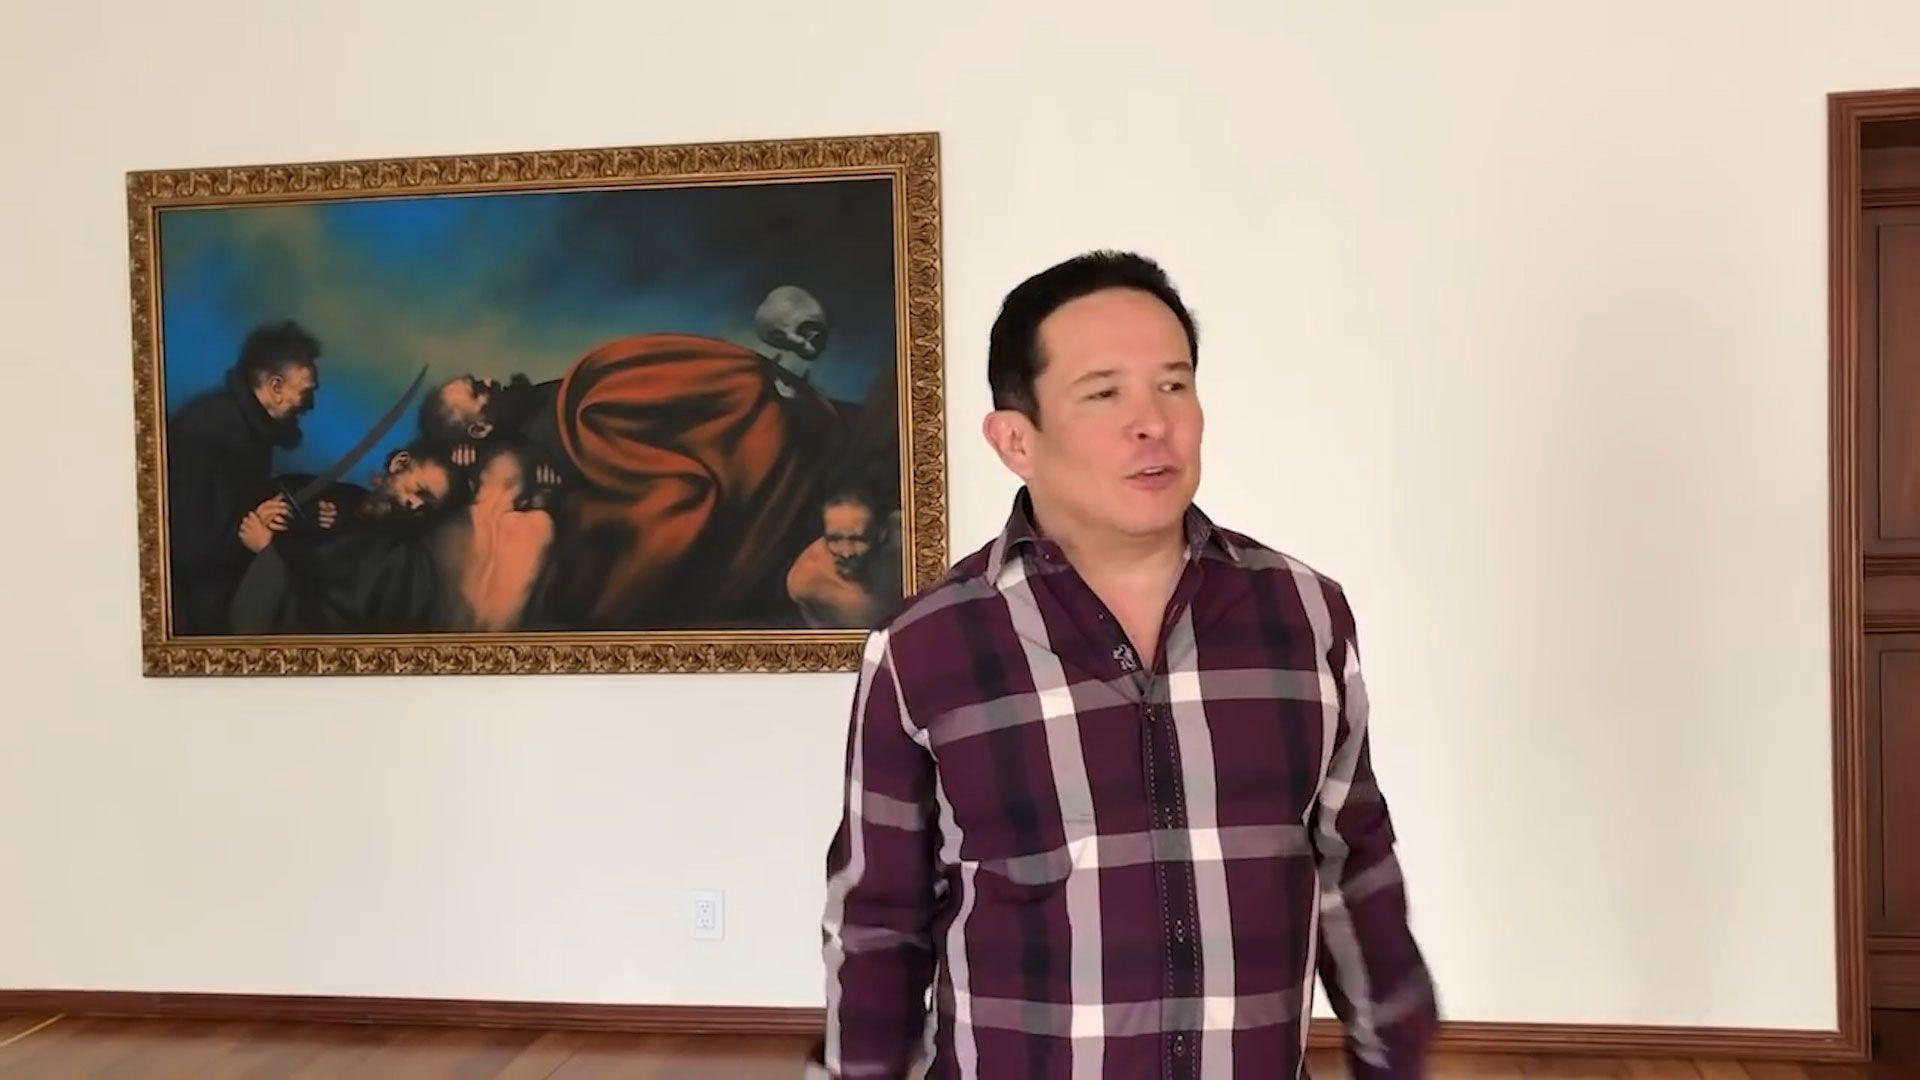 El periodista mostró el gran cuarto en donde la ex pareja presidencial compartían cama(Foto: Gustavo Adolfo Infante)